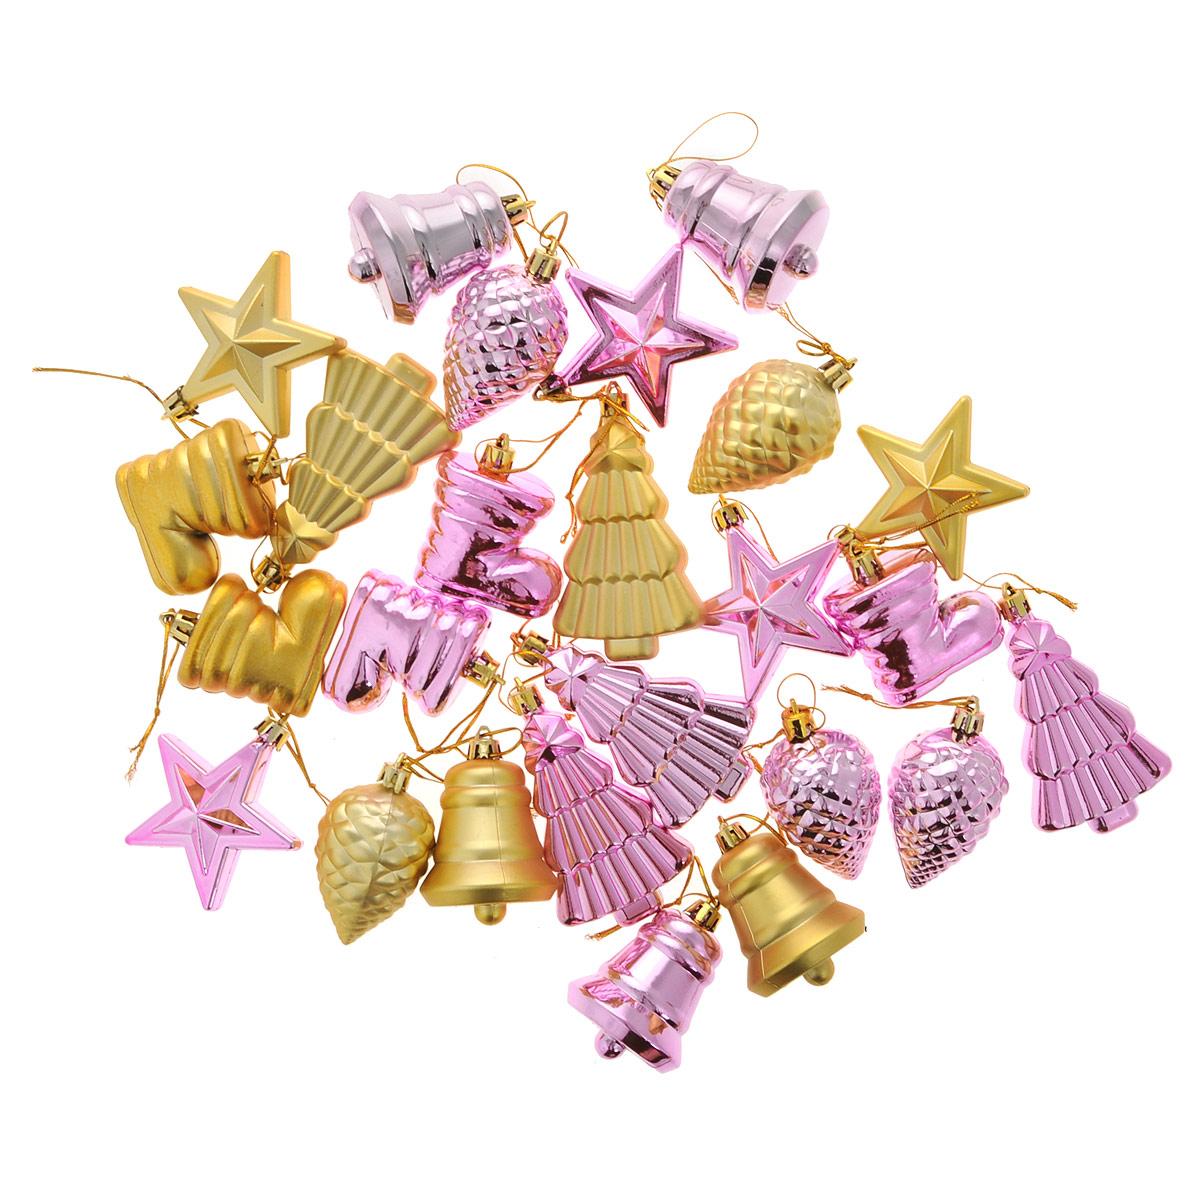 Набор новогодних украшений House & Holder, цвет: розовый, золотистый, 25 штDP-C30-025Набор House & Holder состоит из 25 новогодних подвесных украшений. Изделия выполнены из пластика в виде звездочек, шишек, елочек, колокольчиков, башмачков. Игрушки оснащены специальными петельками, с помощью которых подвешиваются на елку. Набор House & Holder поможет красиво оформить новогоднюю елку и создаст атмосферу праздника в вашем доме.